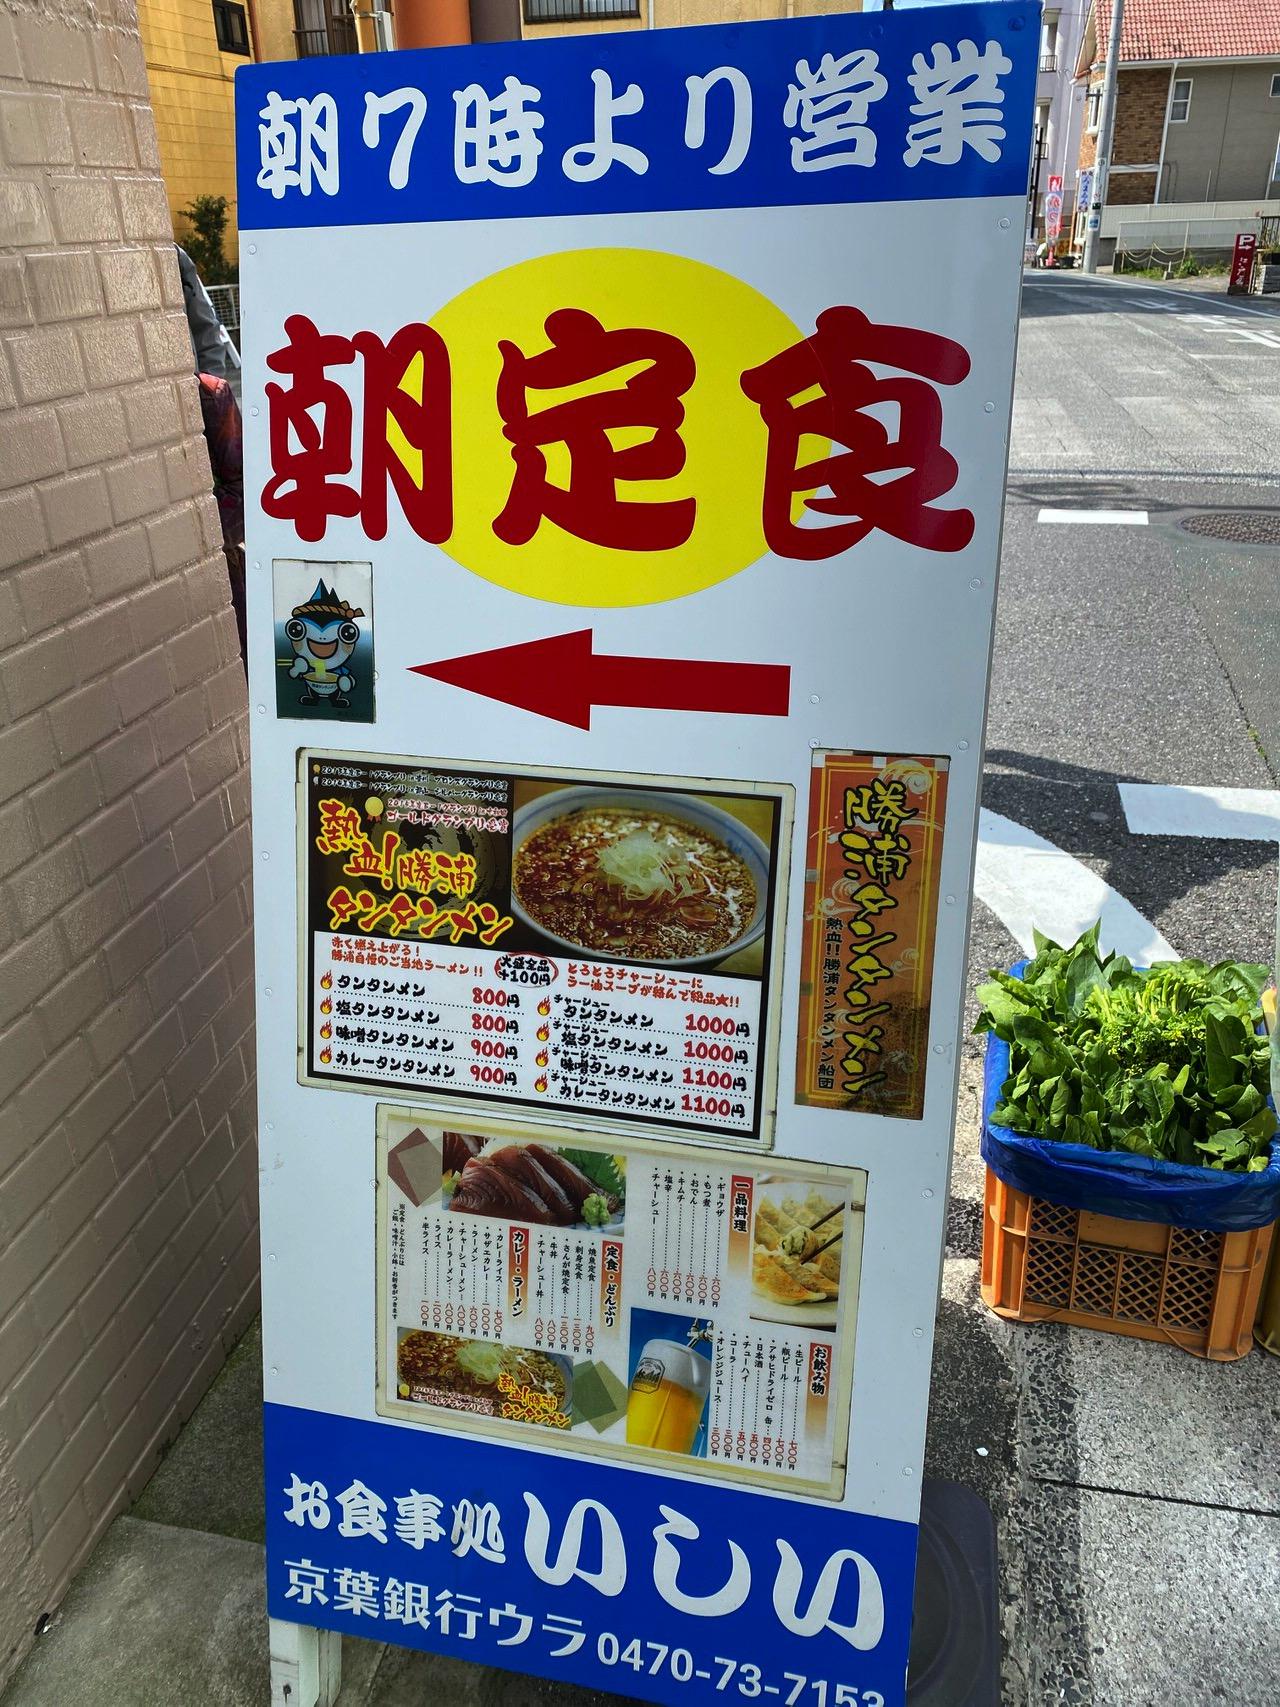 「お食事処 いしい」勝浦タンタンメン 1